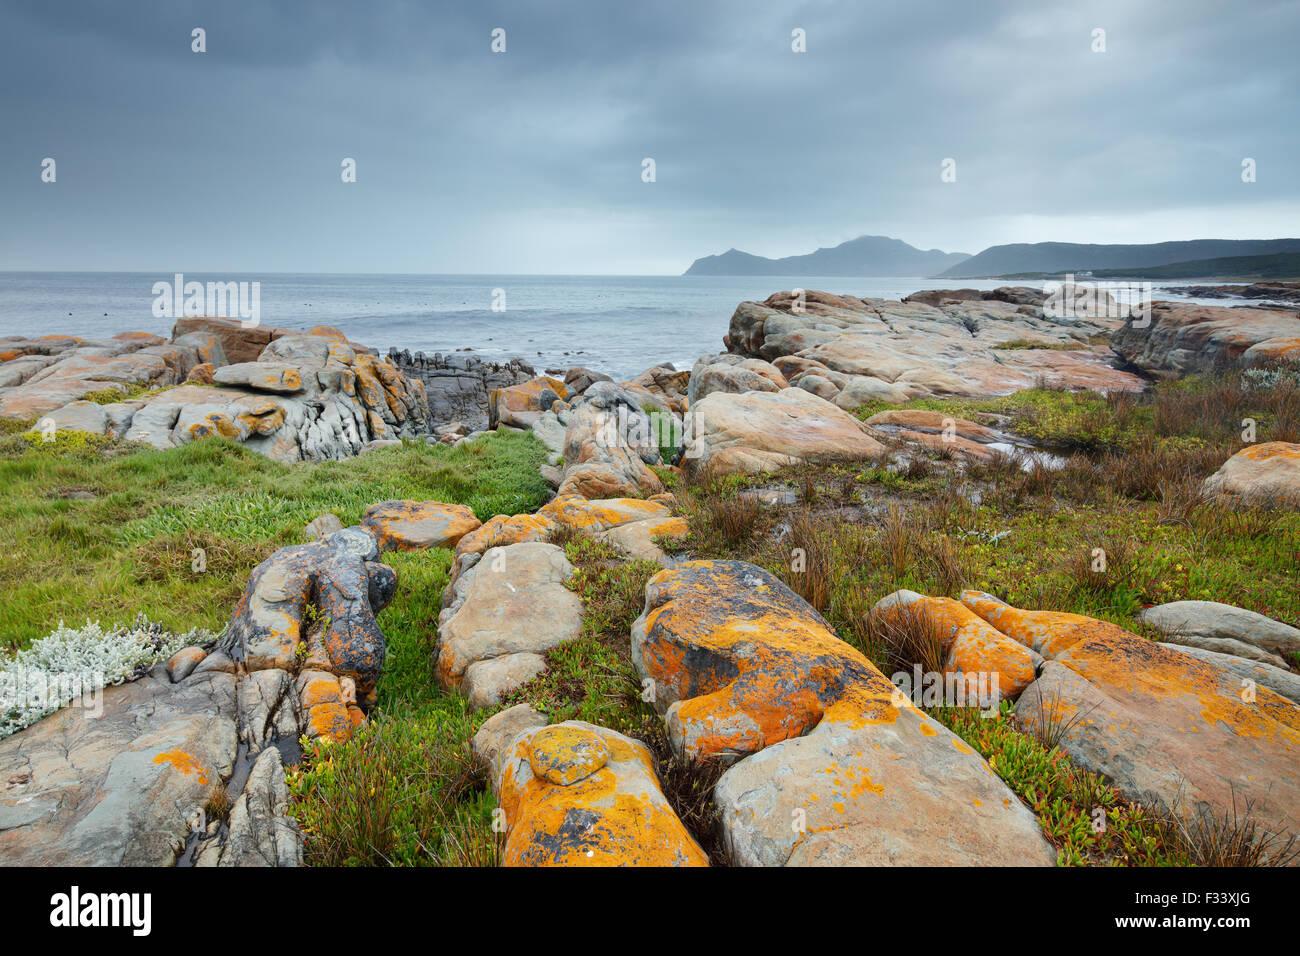 Le Cap de Bonne Espérance à roches noires, Cape Point, Afrique du Sud Photo Stock